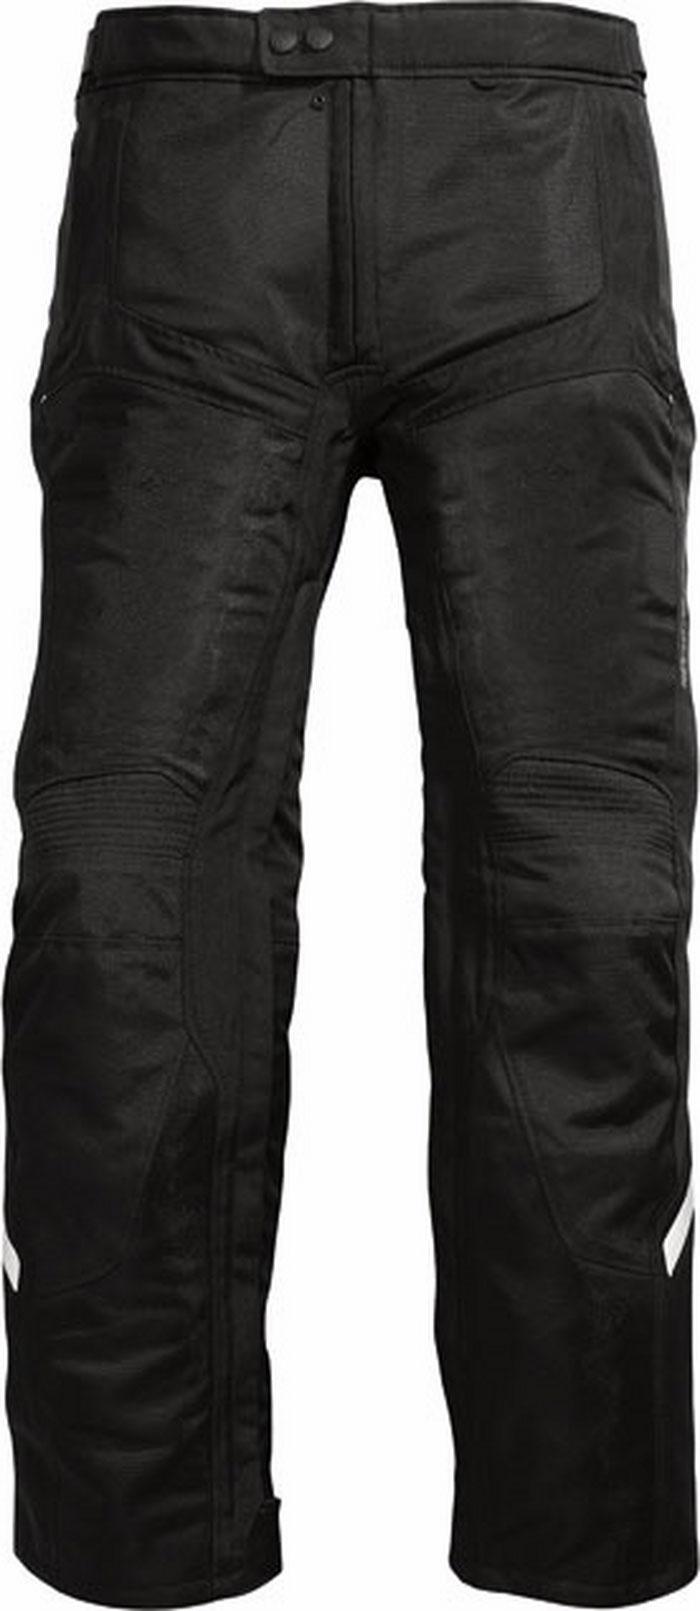 Rev'it Airwave summer motorcycle trousers black